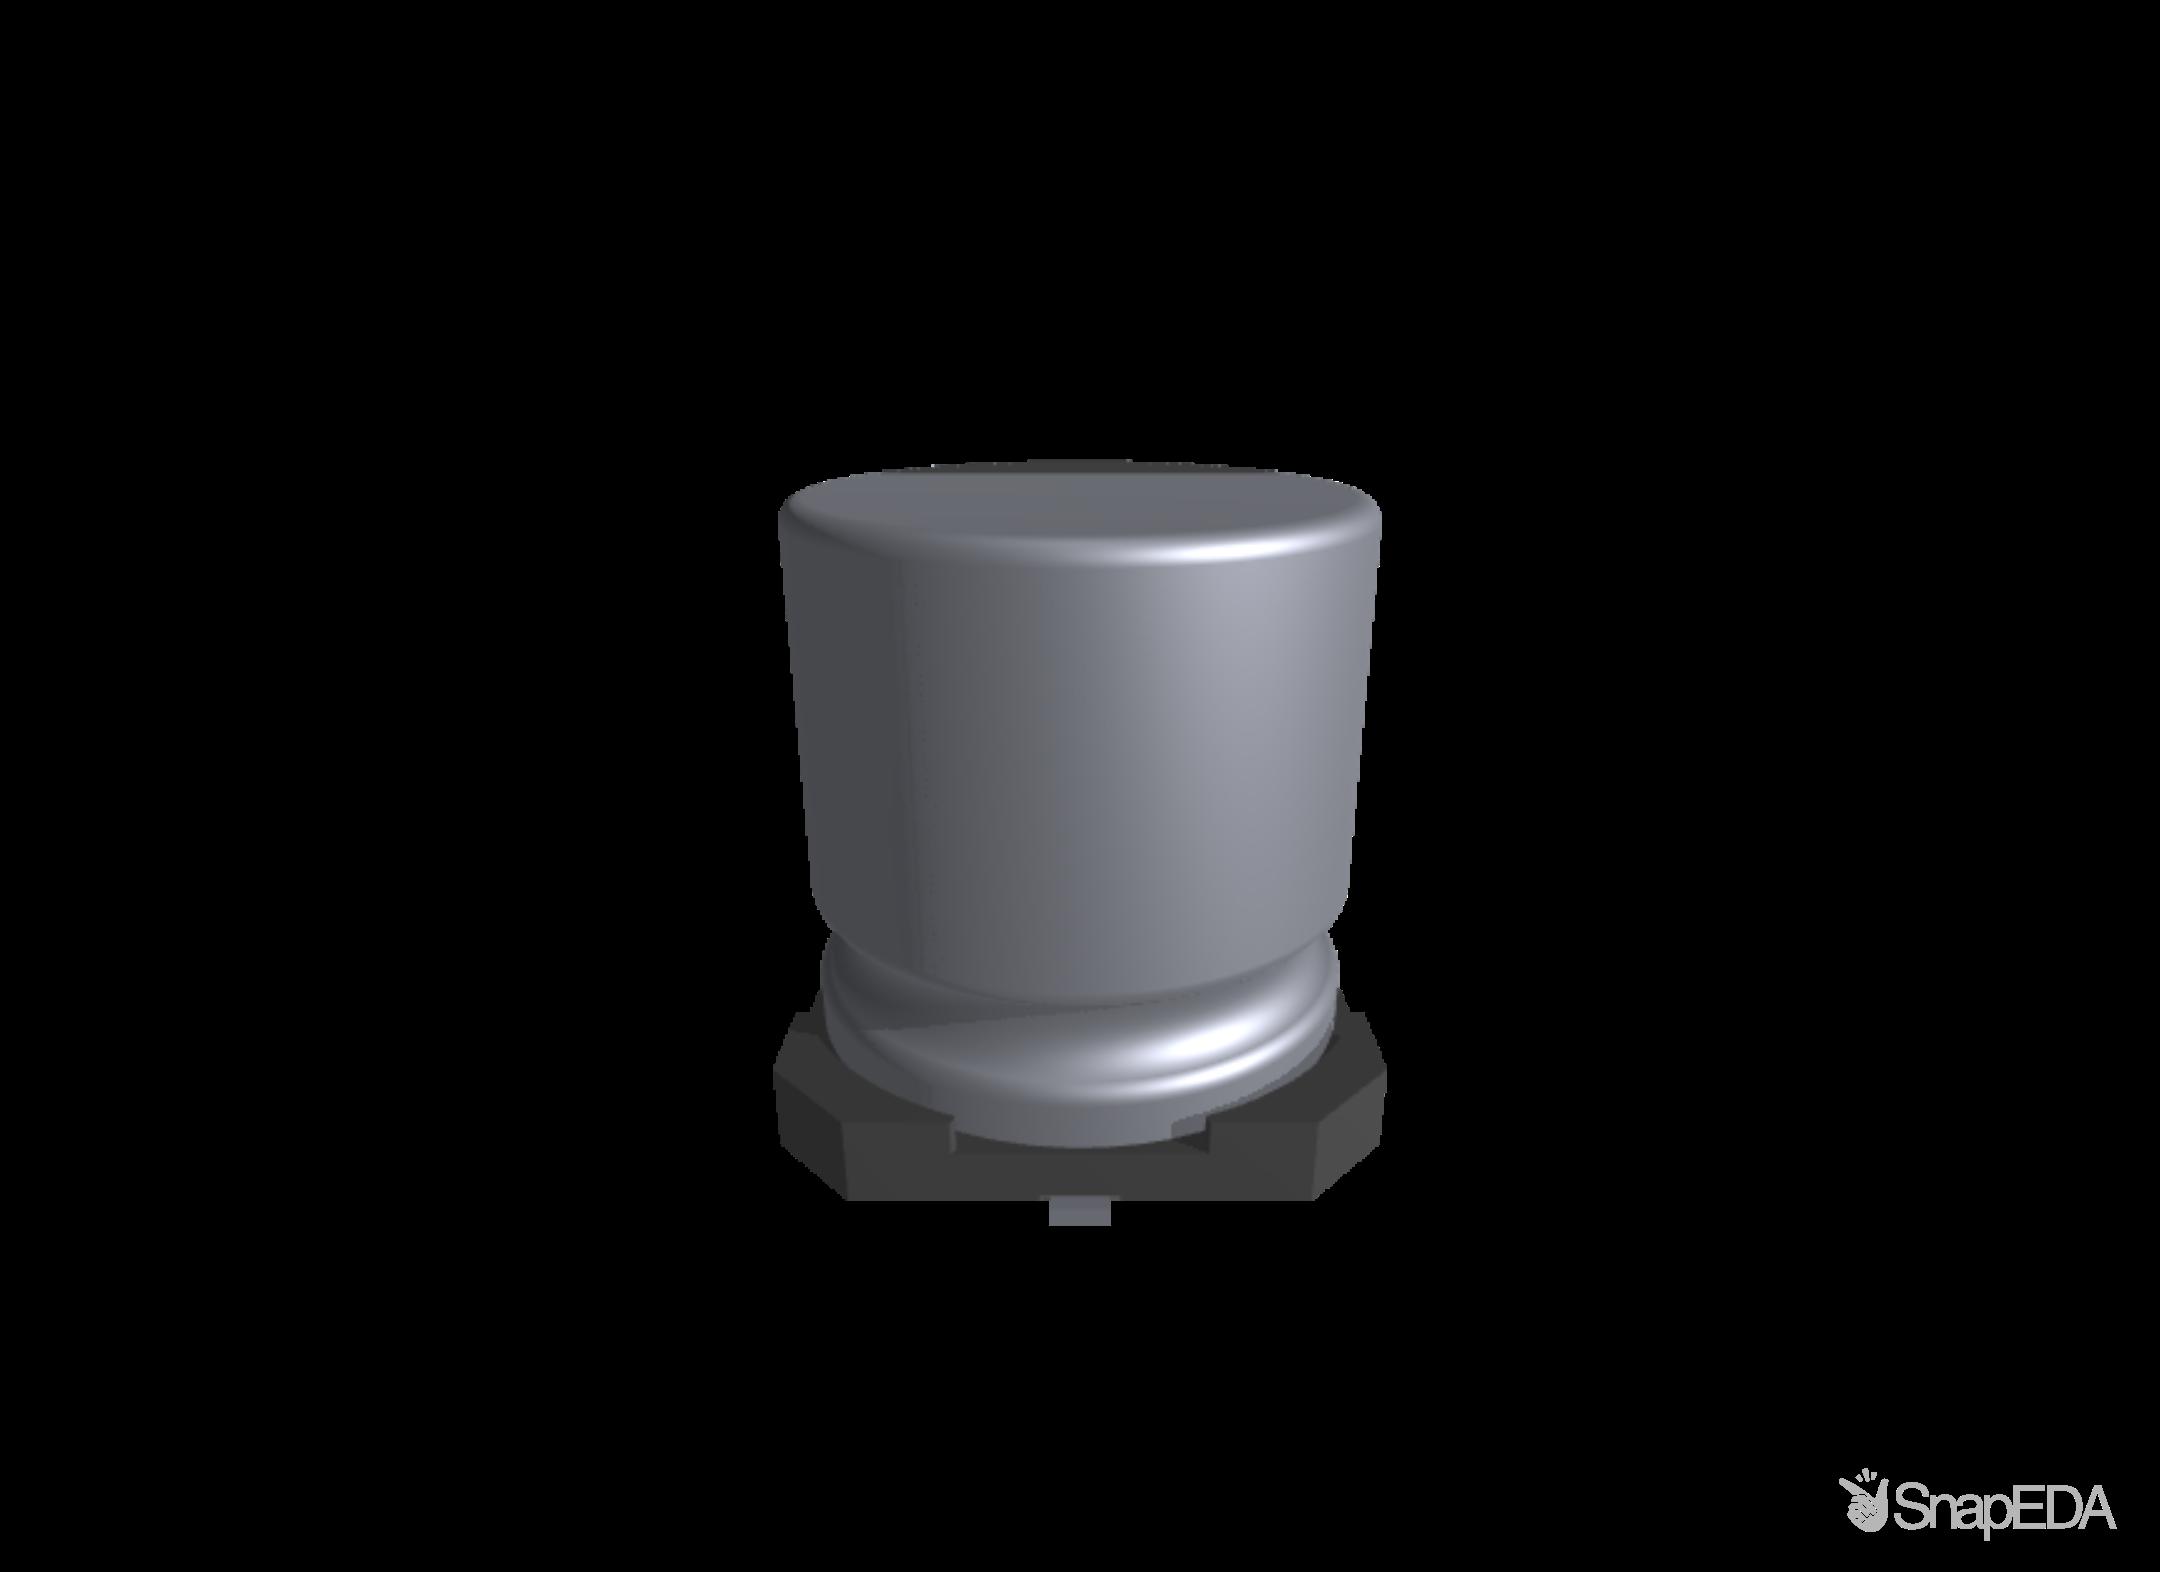 UUD1H221MNL1GS 3D Model